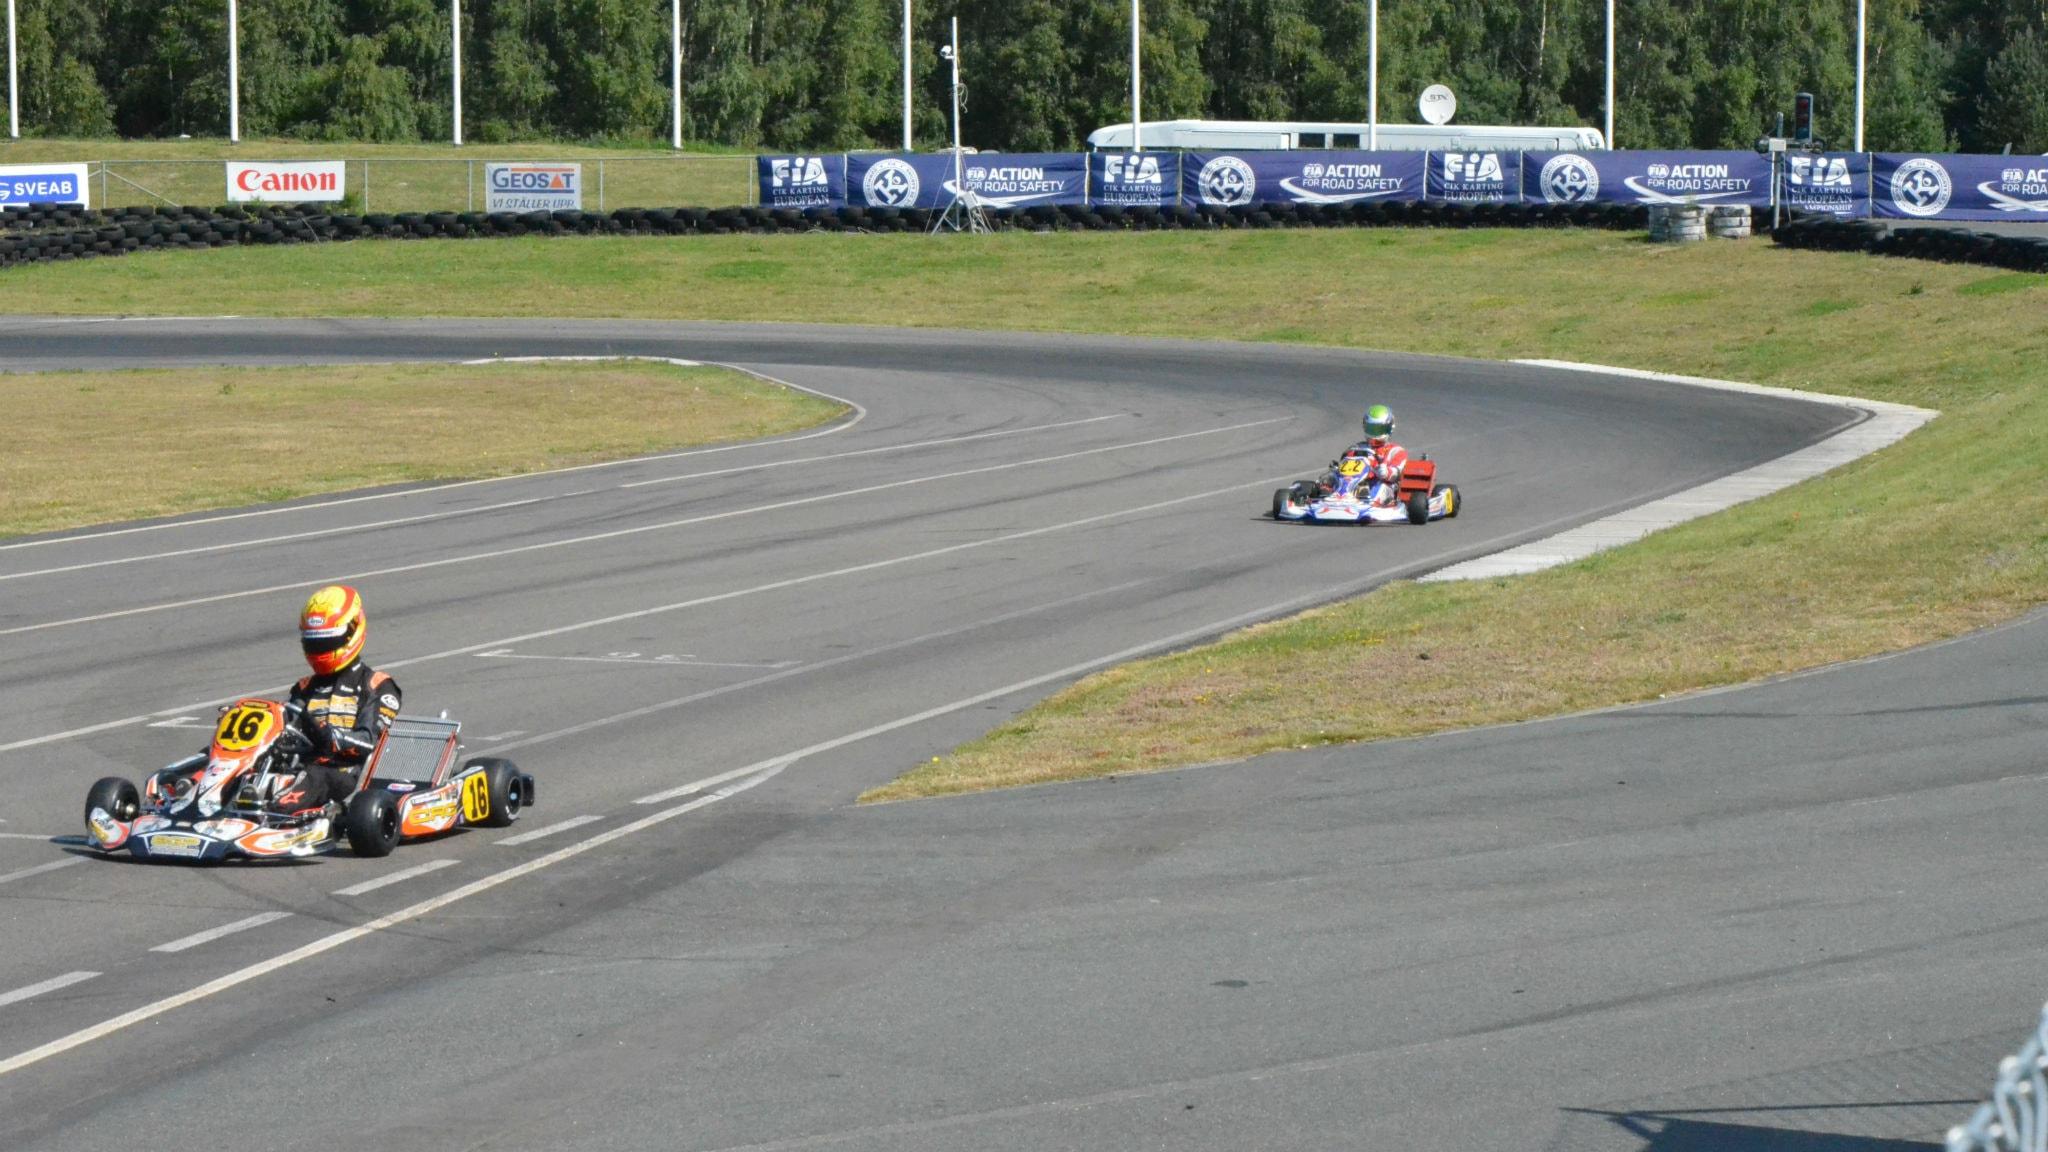 Flera Hemmahopp Har Medaljchans I Karting Vm P4 Kristianstad